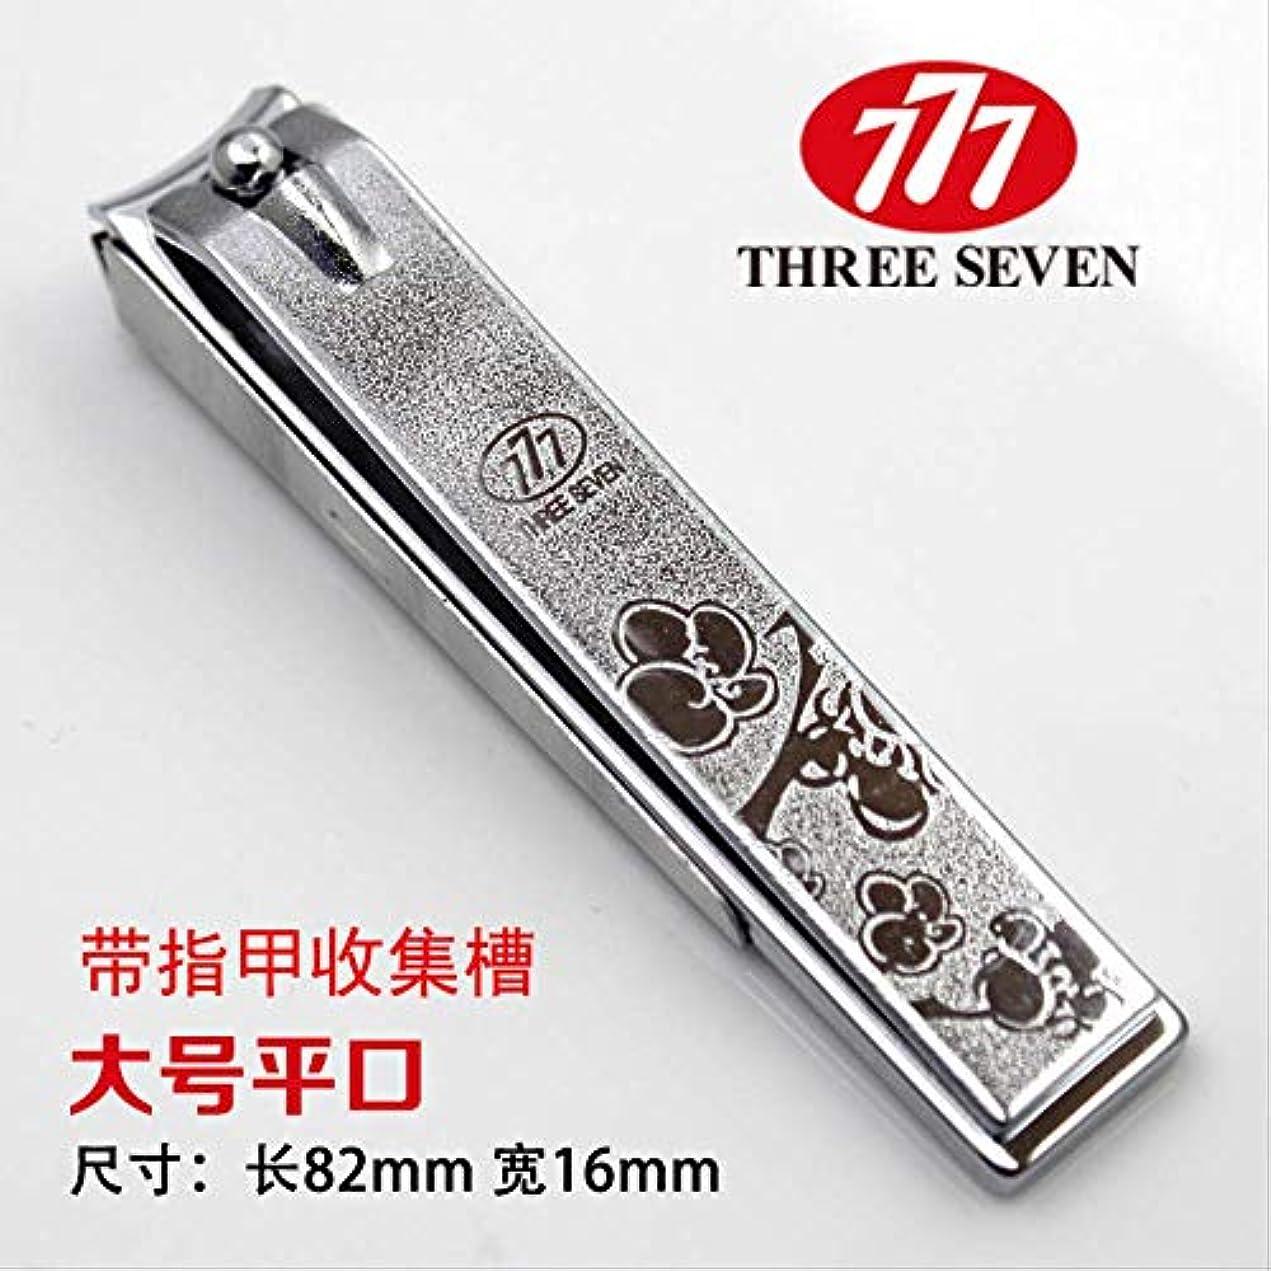 カプラー入手します欠如韓国777爪切りはさみ元平口斜め爪切り小さな爪切り大本物 N-221YSG